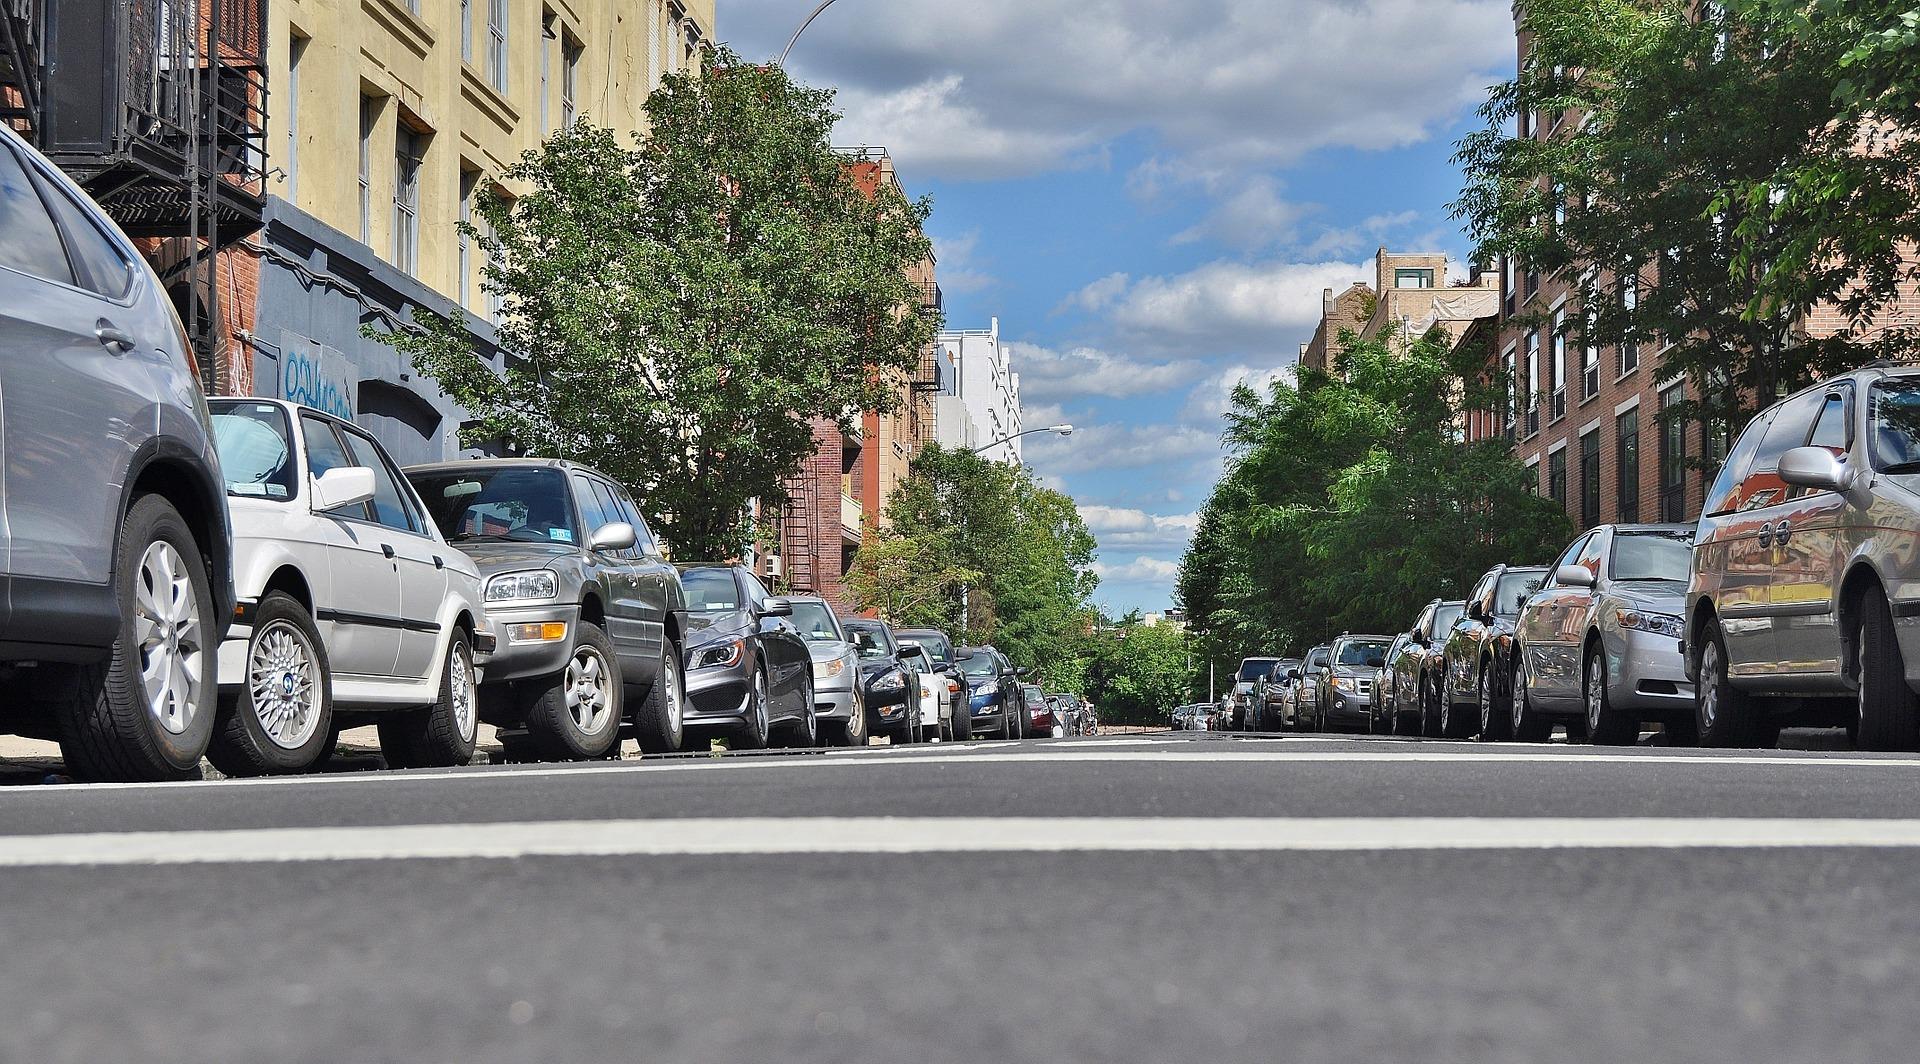 Bydgoszcz walczy z parkowaniem na chodnikach #UczSięPoznaniu